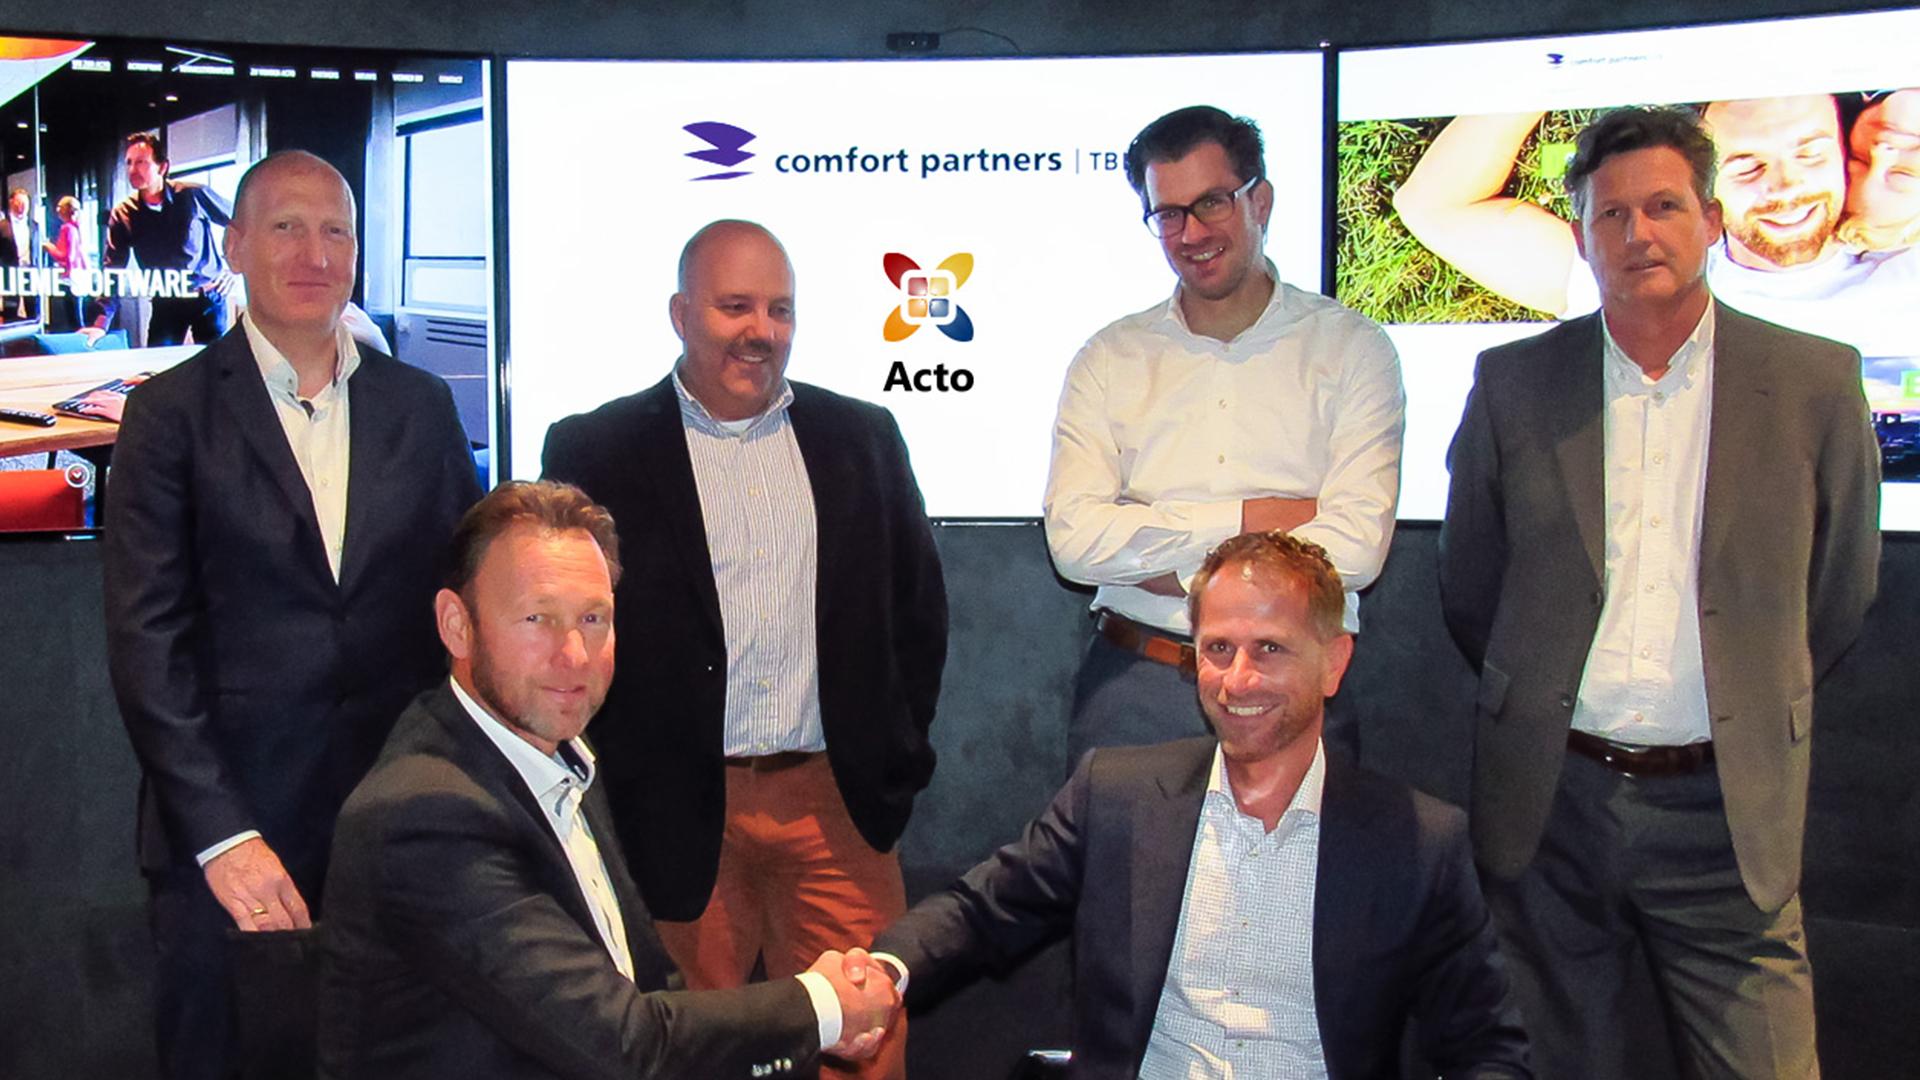 Comfort Partners kiest voor Acto